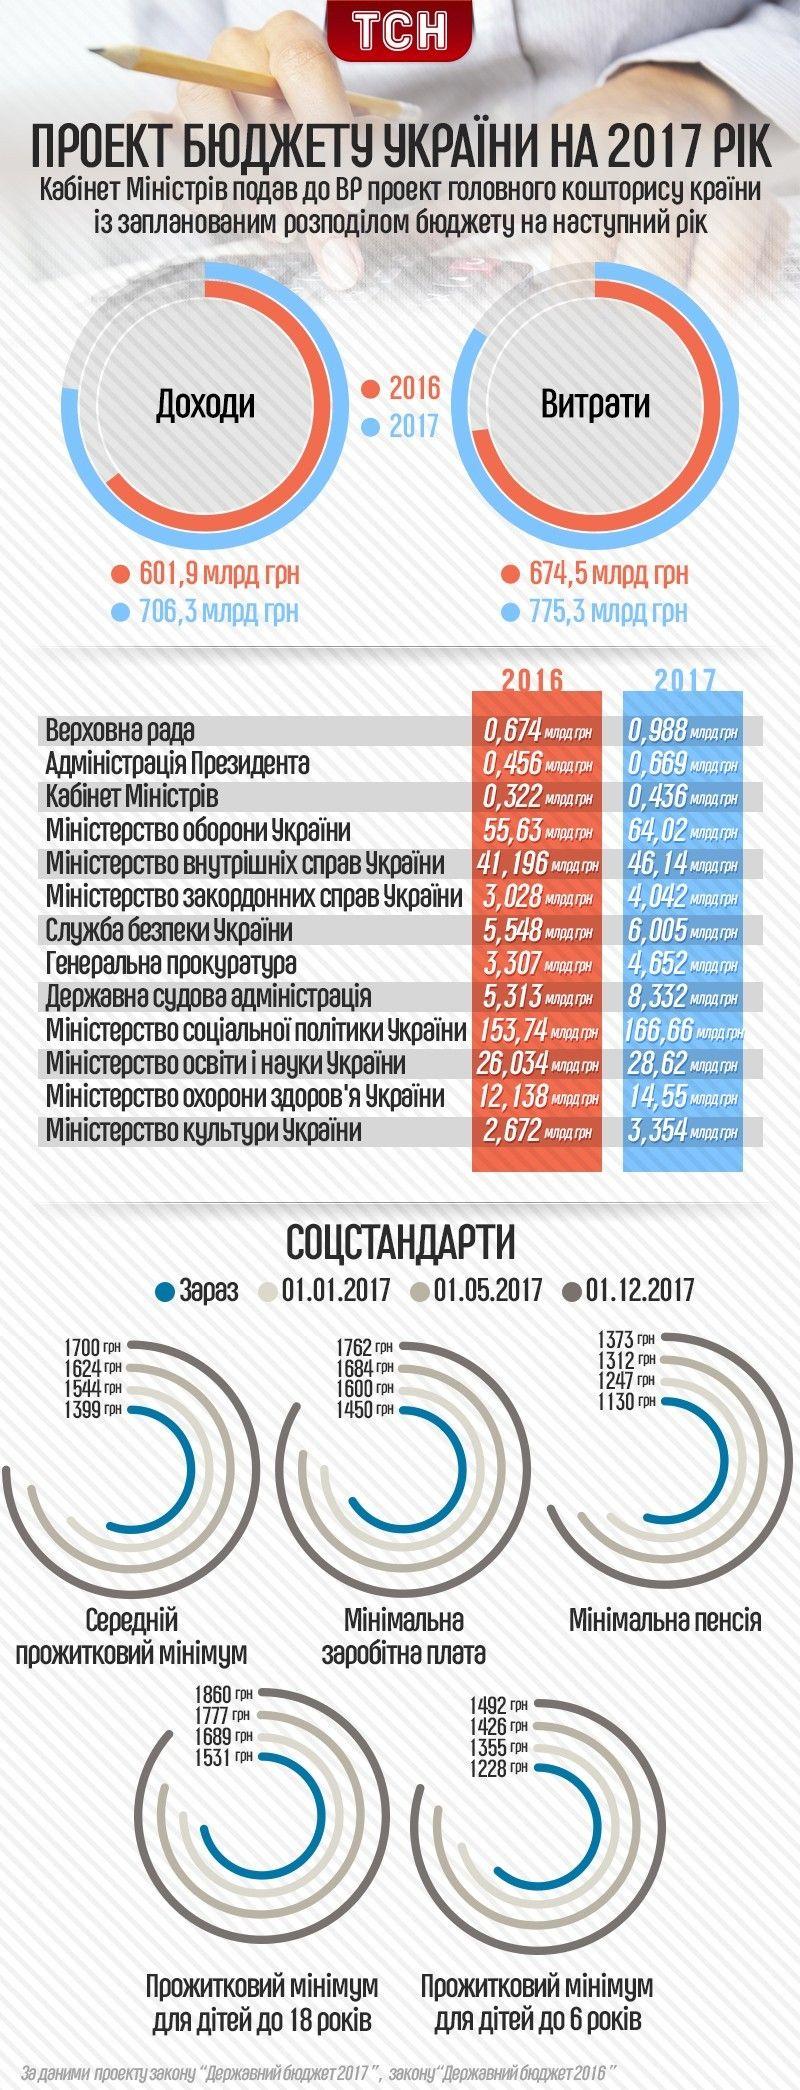 проект Держбюджету 2017